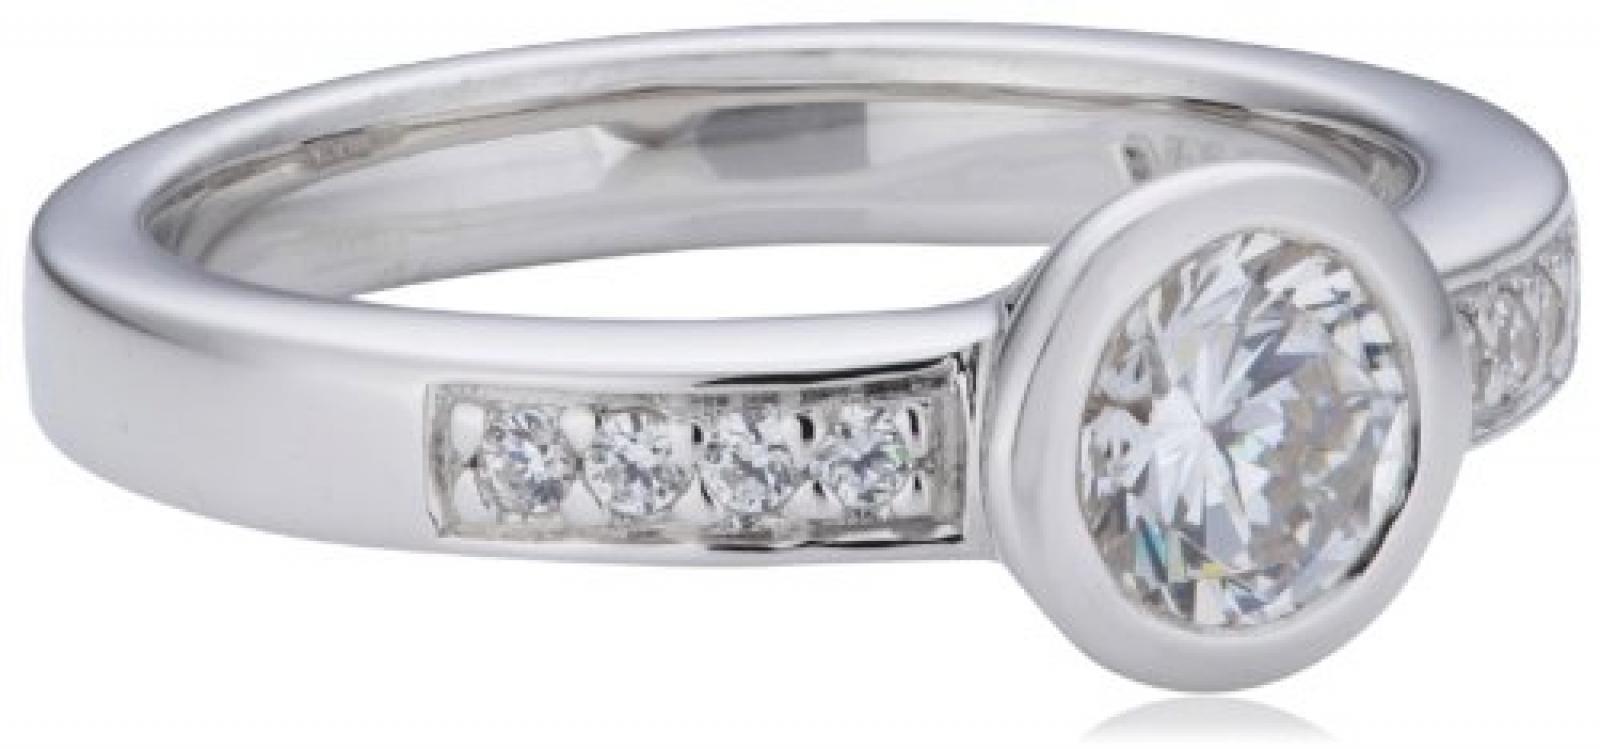 Viventy Damen-Ring Marrakesch 925 Sterlingsilber 9 Zirkonia weiss 761091